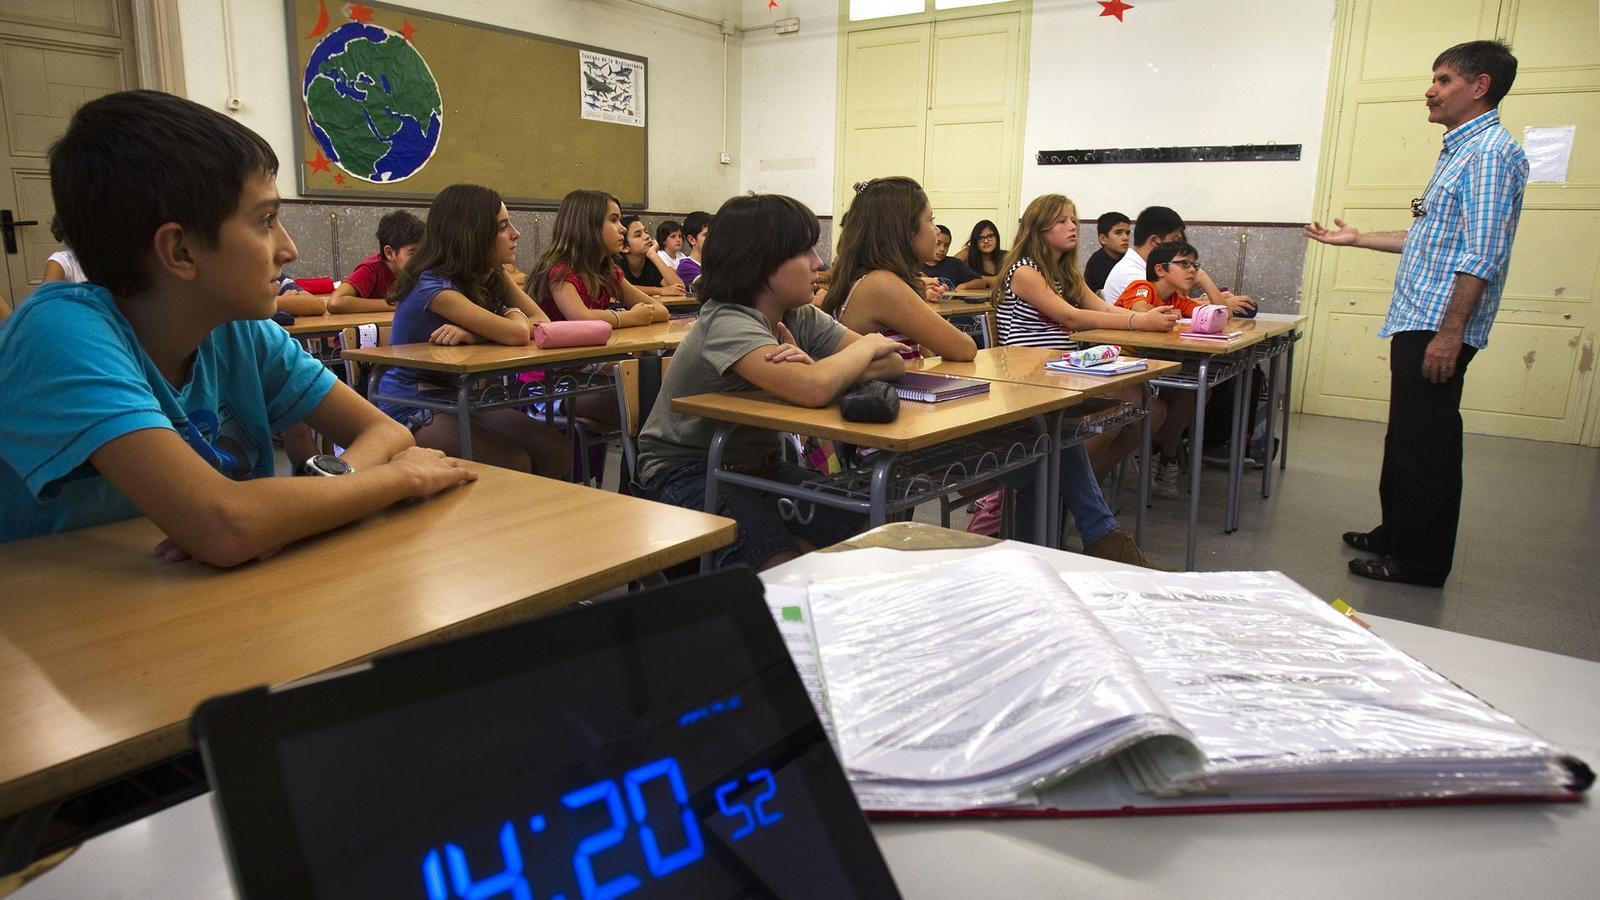 El primer dia de curs els alumnes de l'institut Les Corts de Barcelona mantenien la concentració poc abans d'acabar la seva jornada.